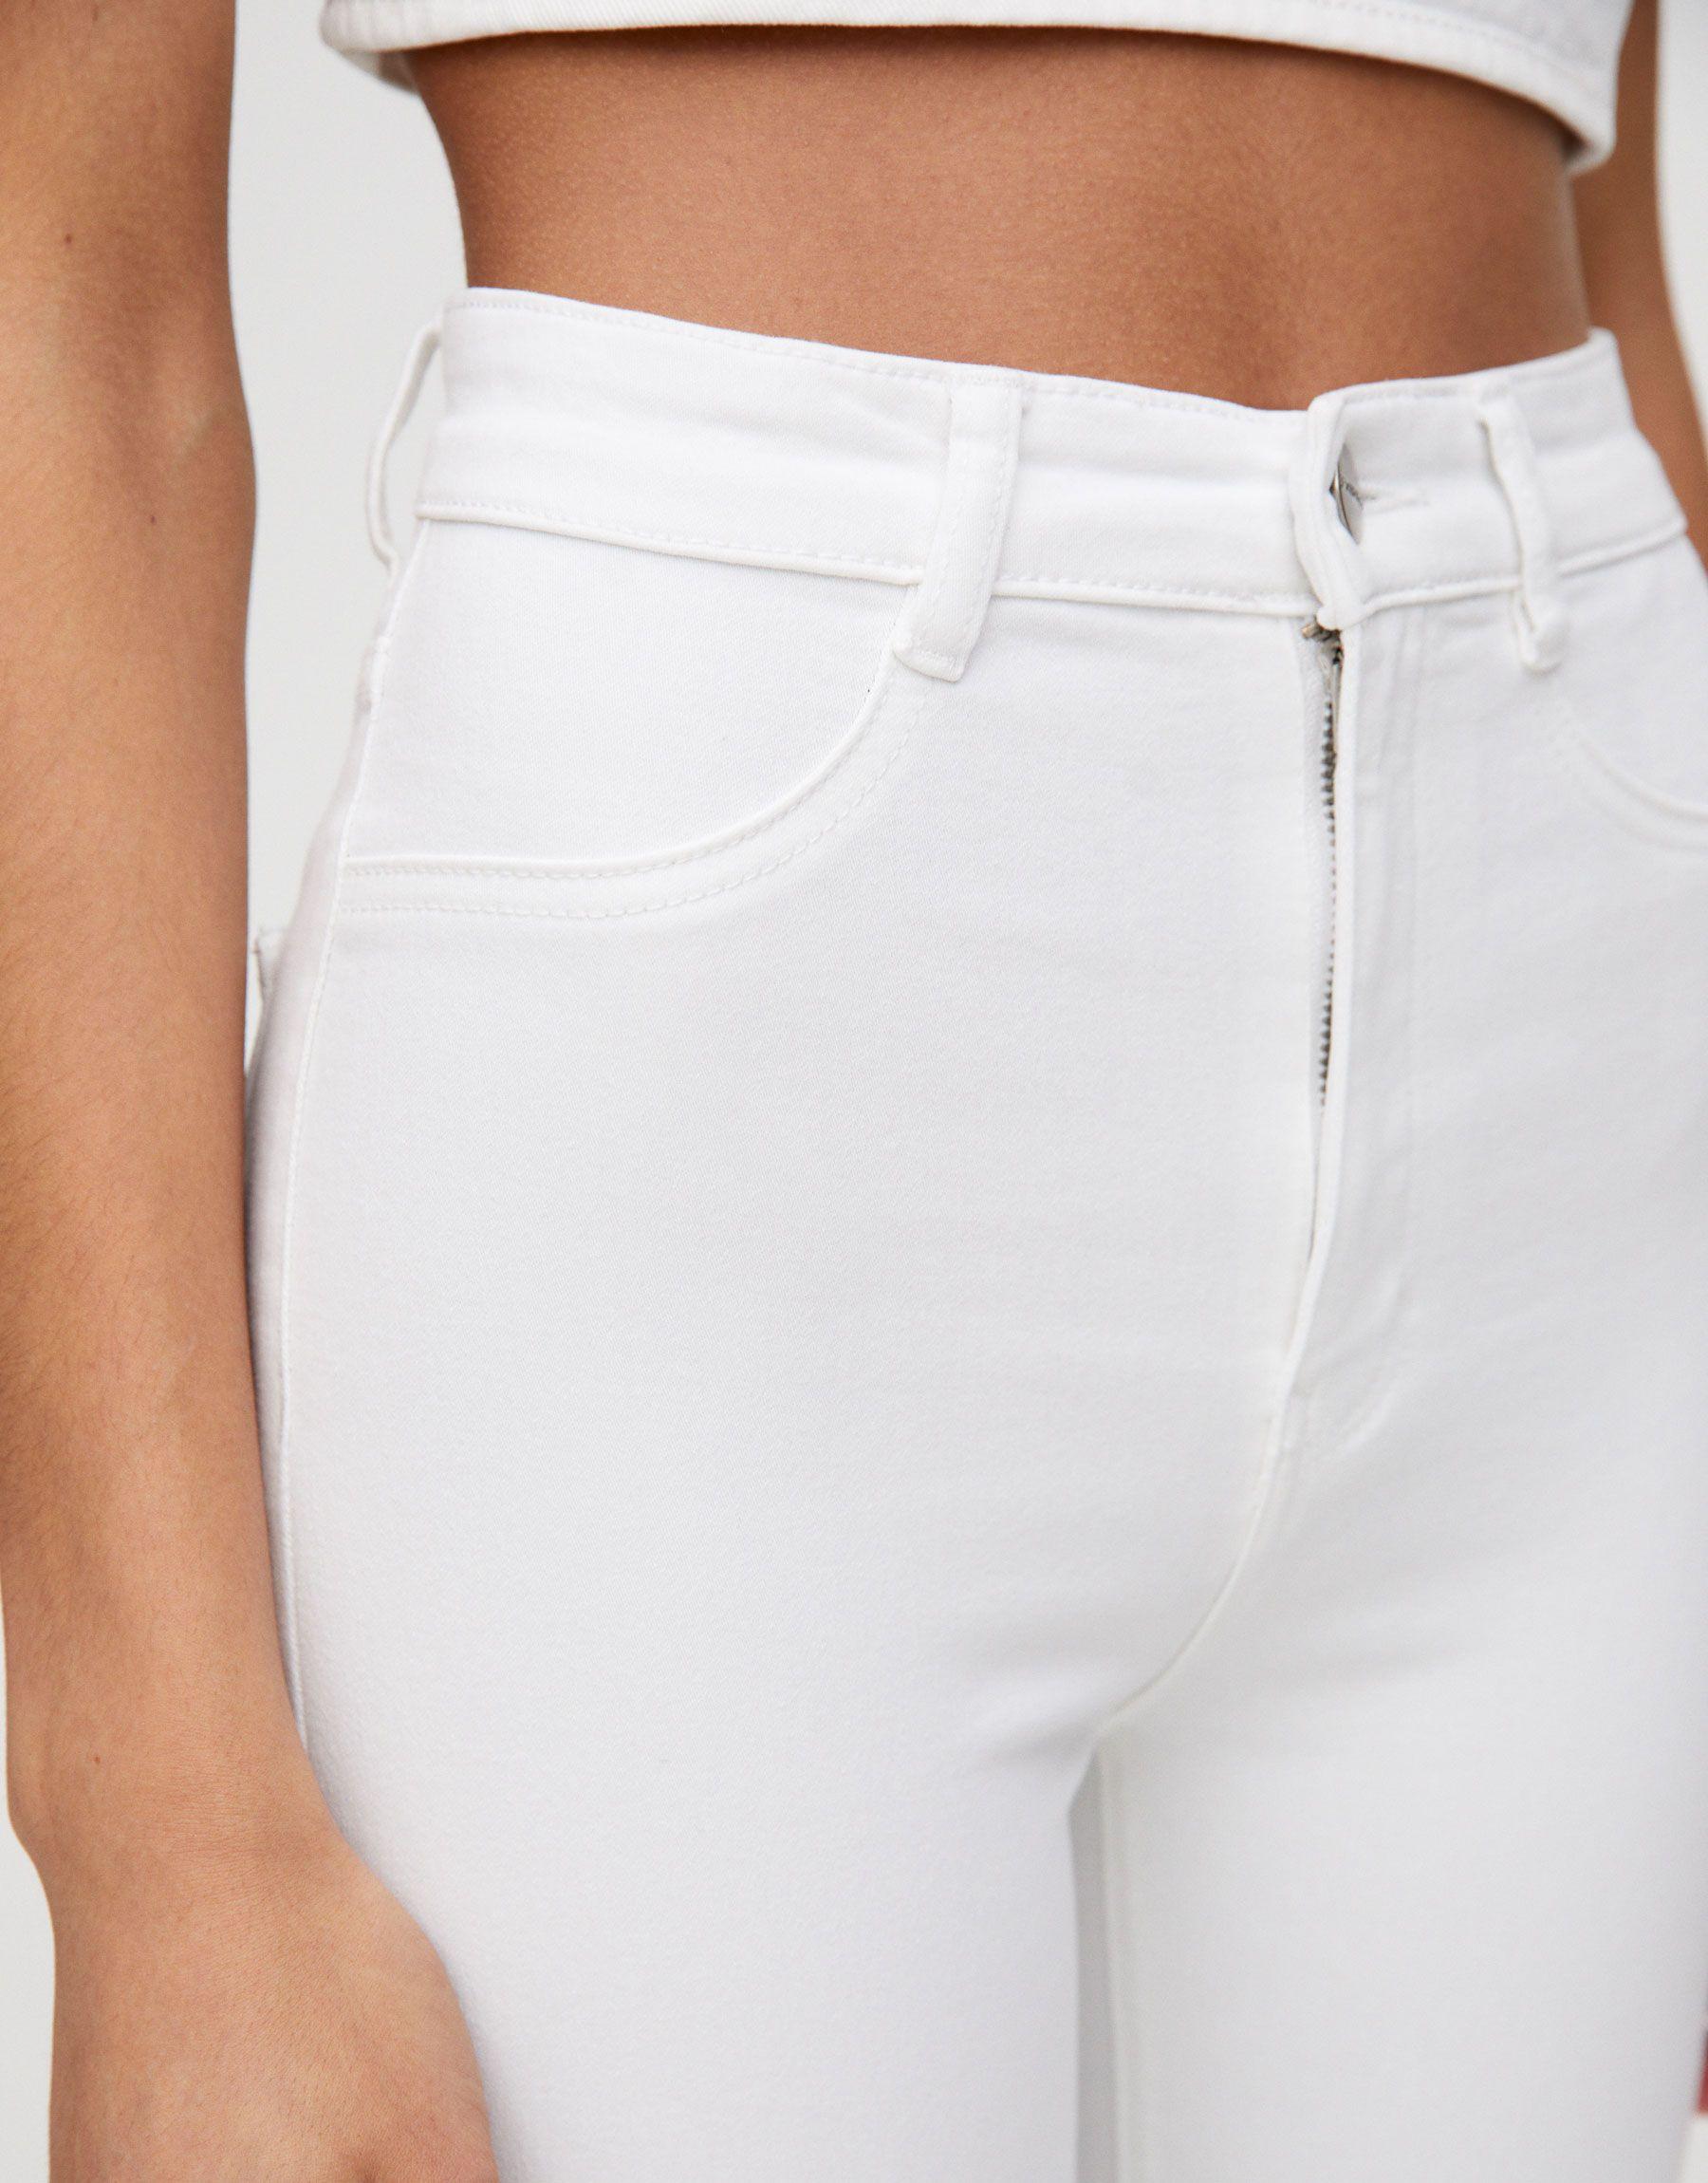 Pouzdan Nepodnosljiv Staza Pantalon Blanco Alto Mujer Goldstandardsounds Com